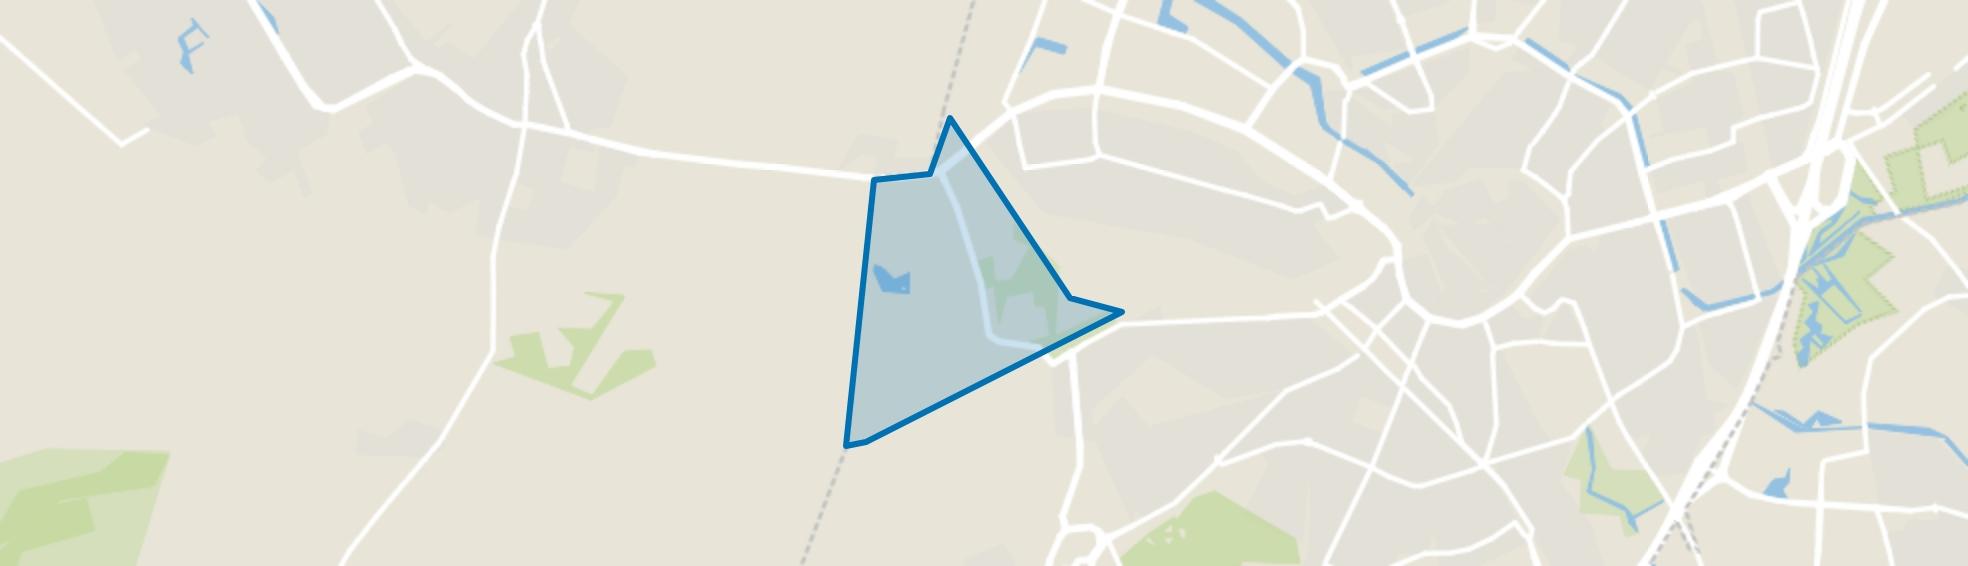 Birkhoven/Bokkeduinen, Amersfoort map